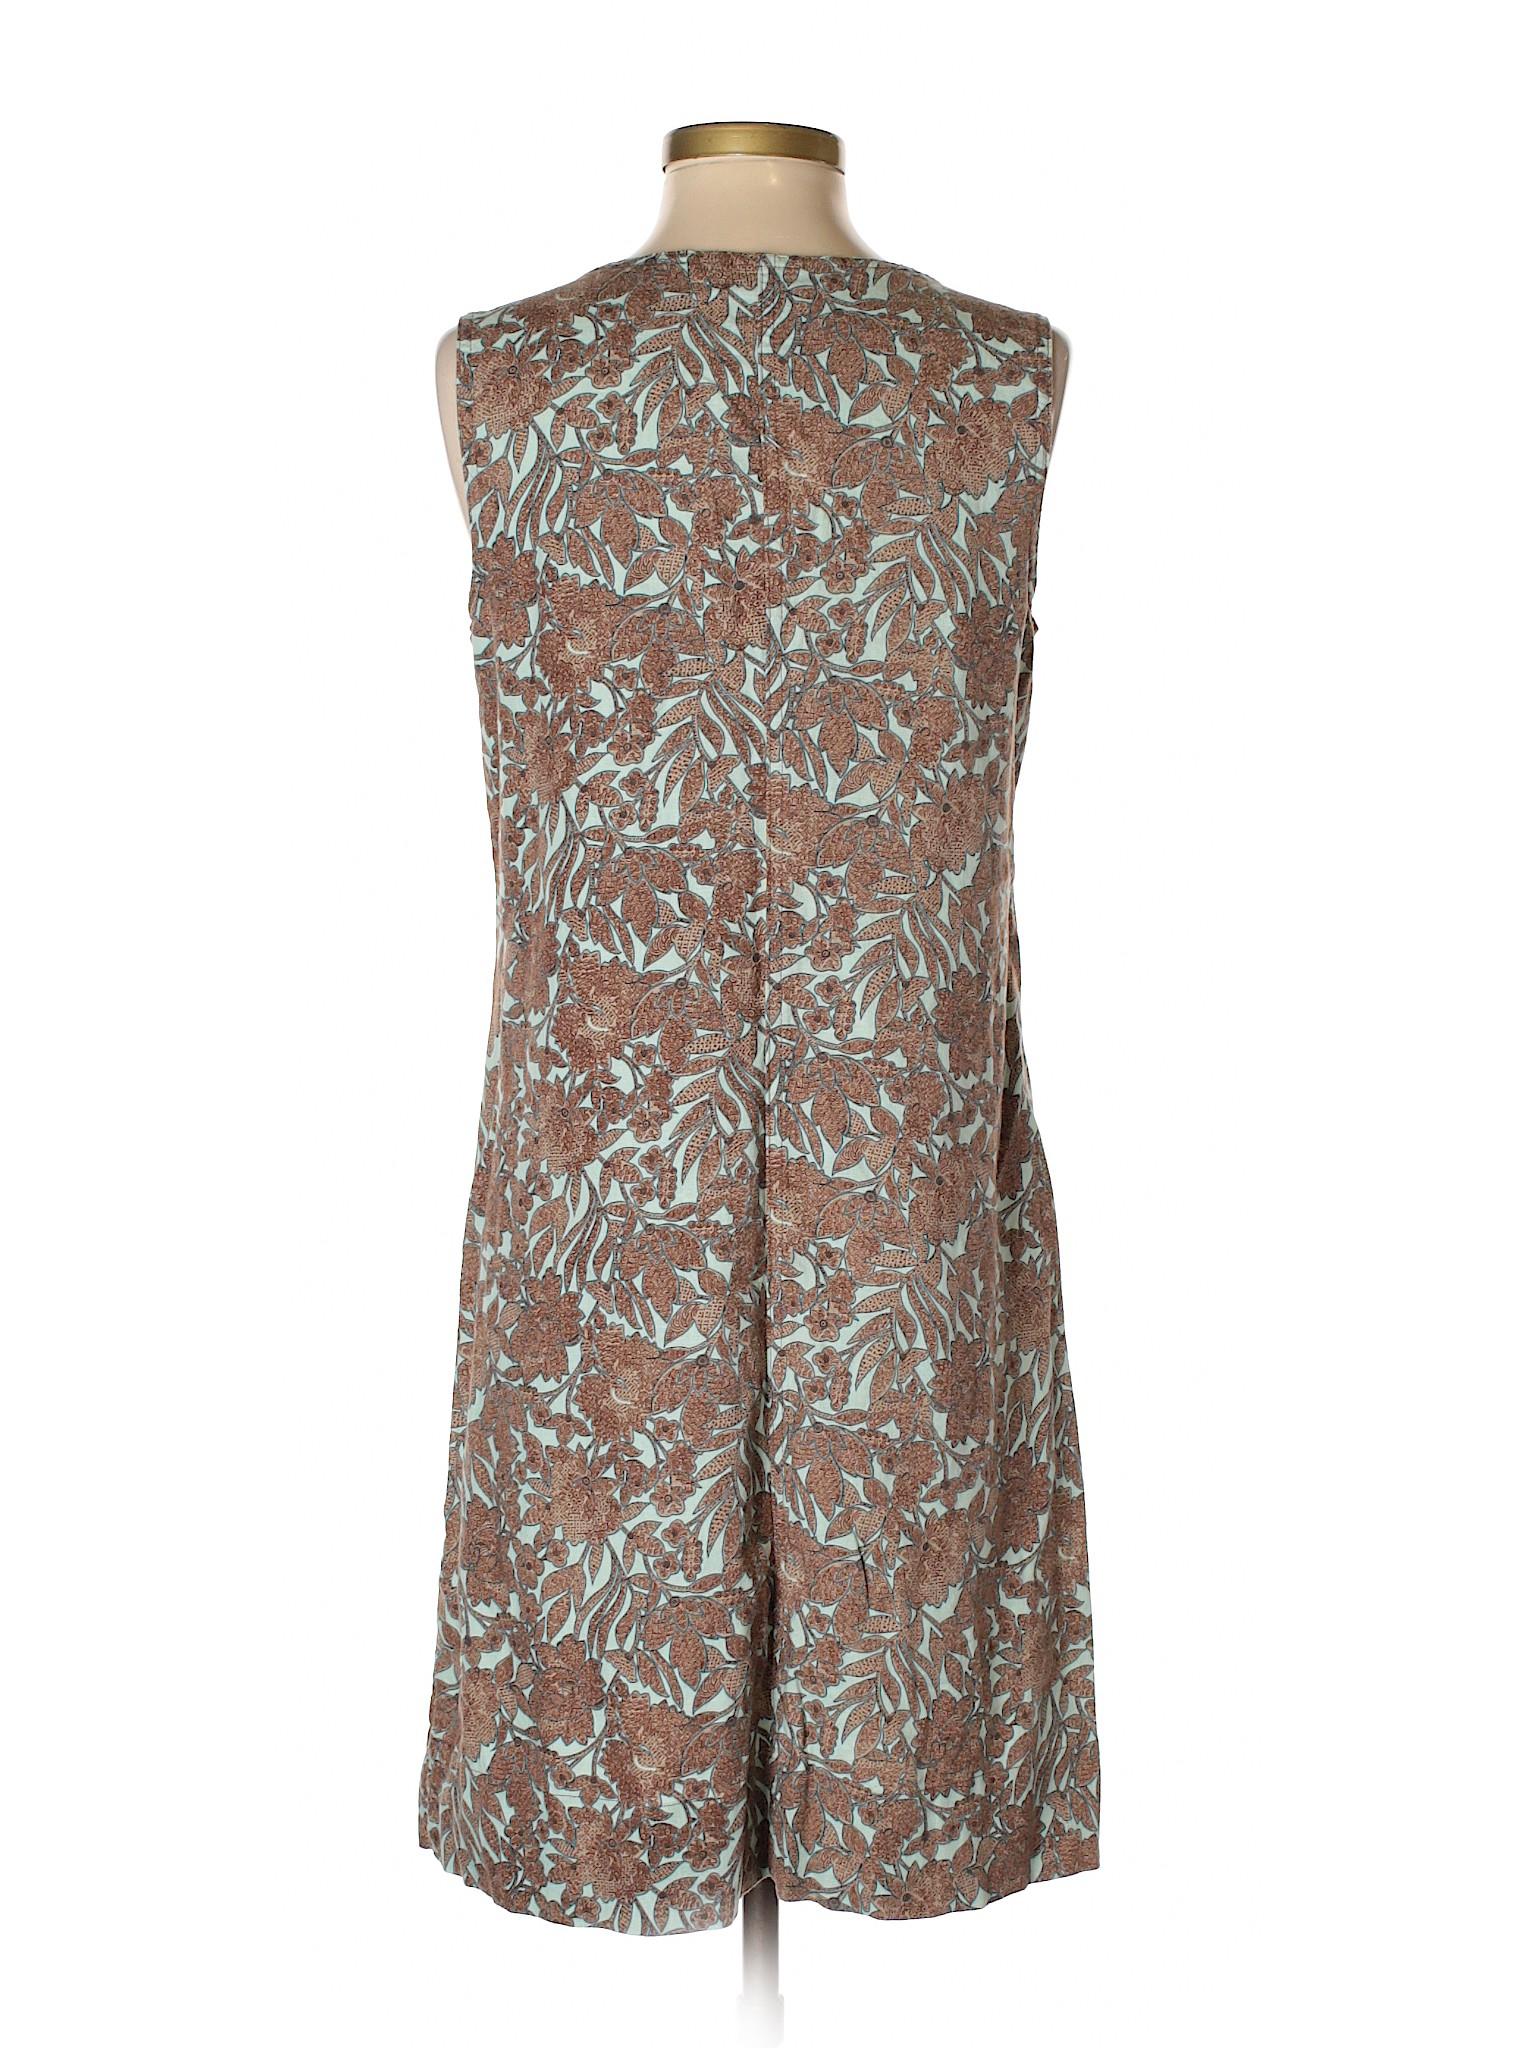 Dress Selling Selling Chadwicks Casual Chadwicks pU7qH7